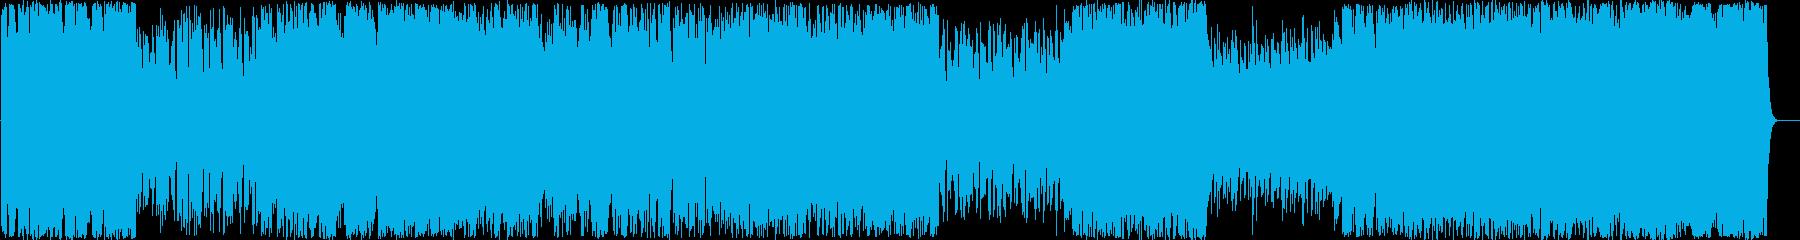 スターフォース 爽快なチップチューンの再生済みの波形